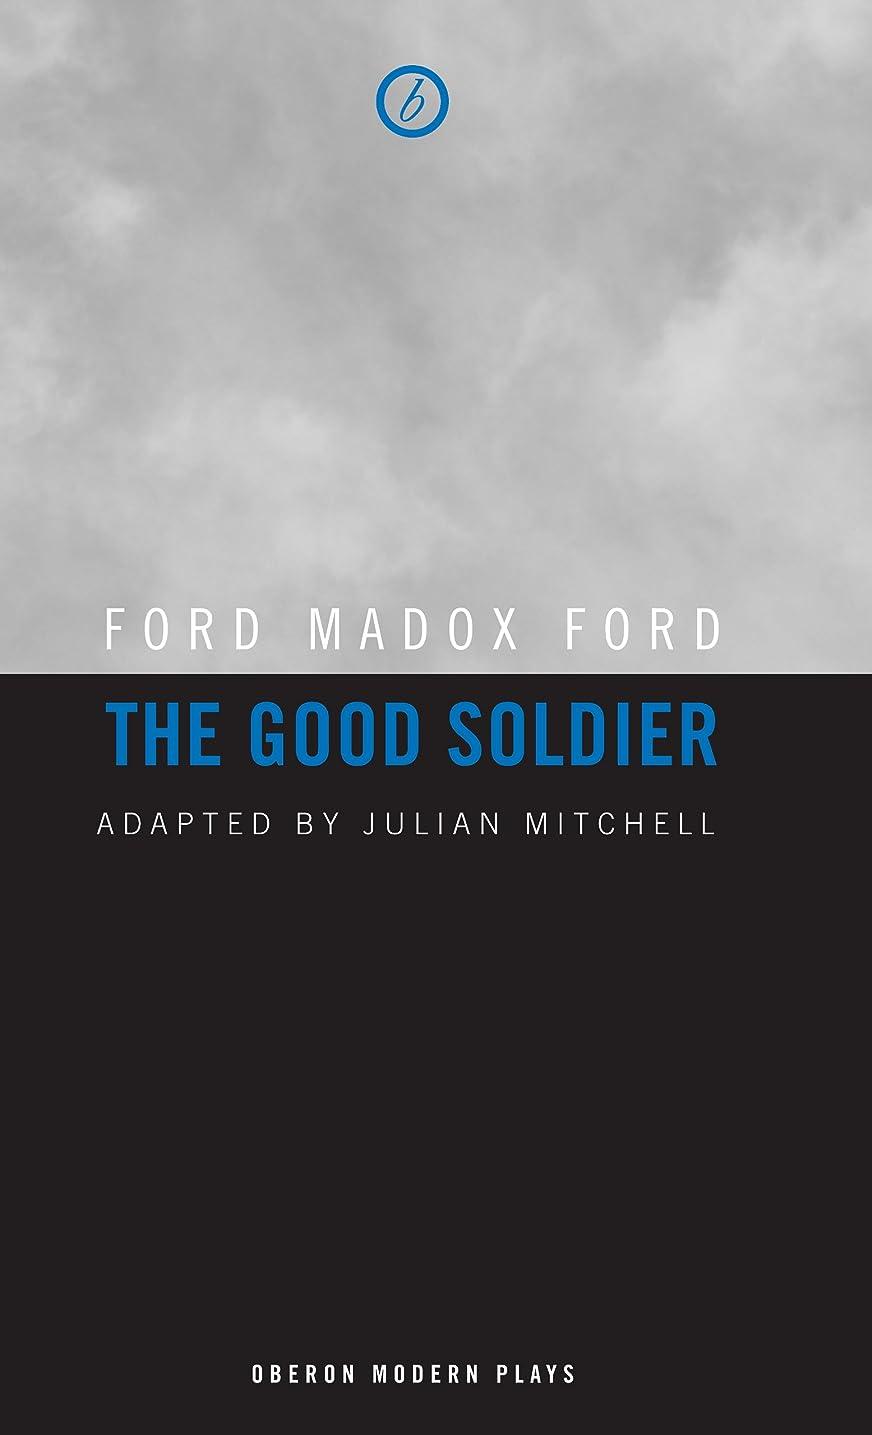 ブルーベル公爵夫人ネストThe Good Soldier (Oberon Modern Plays) (English Edition)